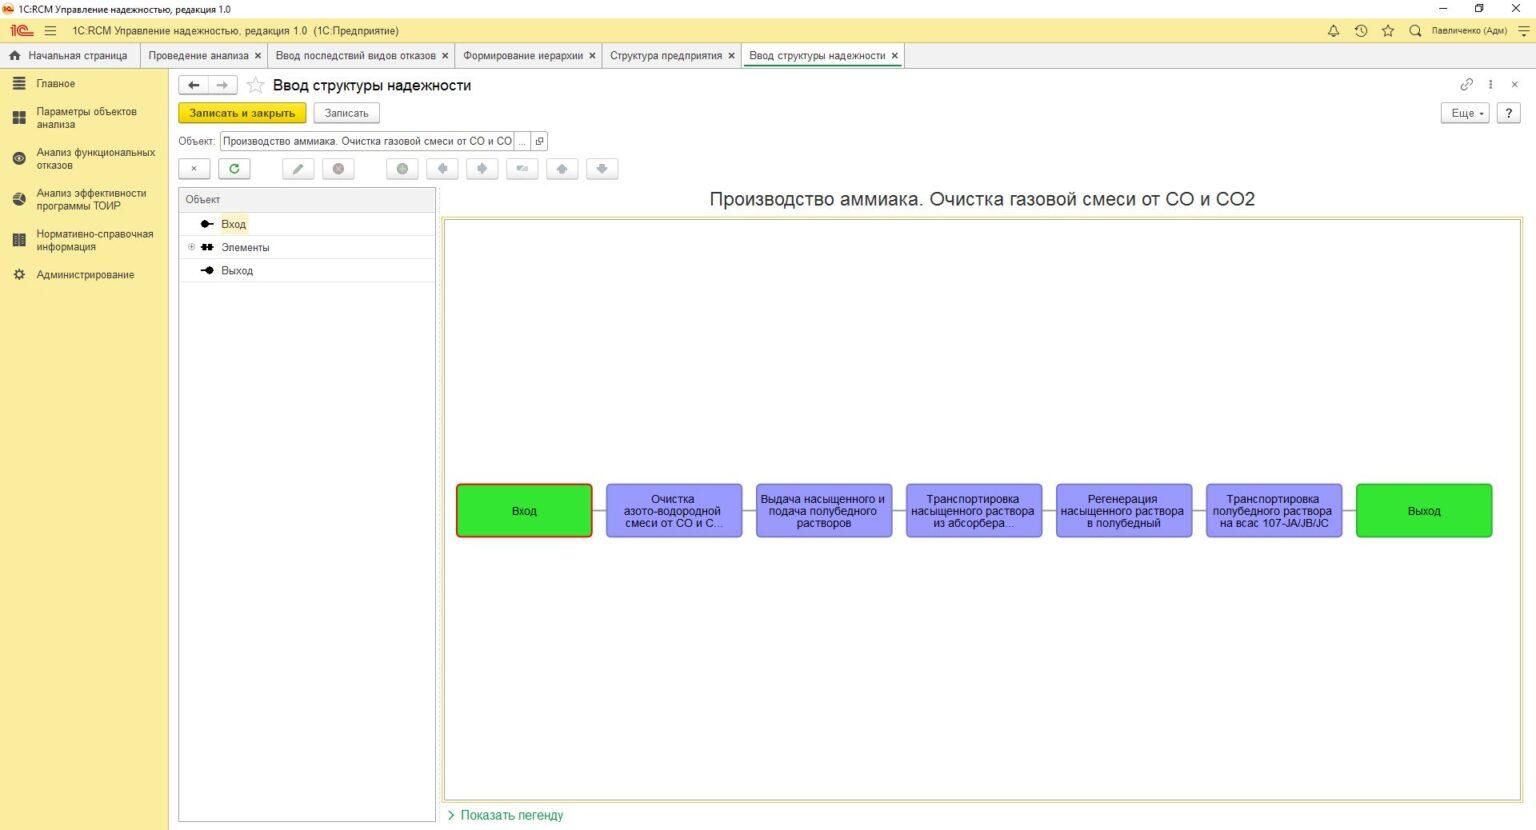 01_Структура надежности системы